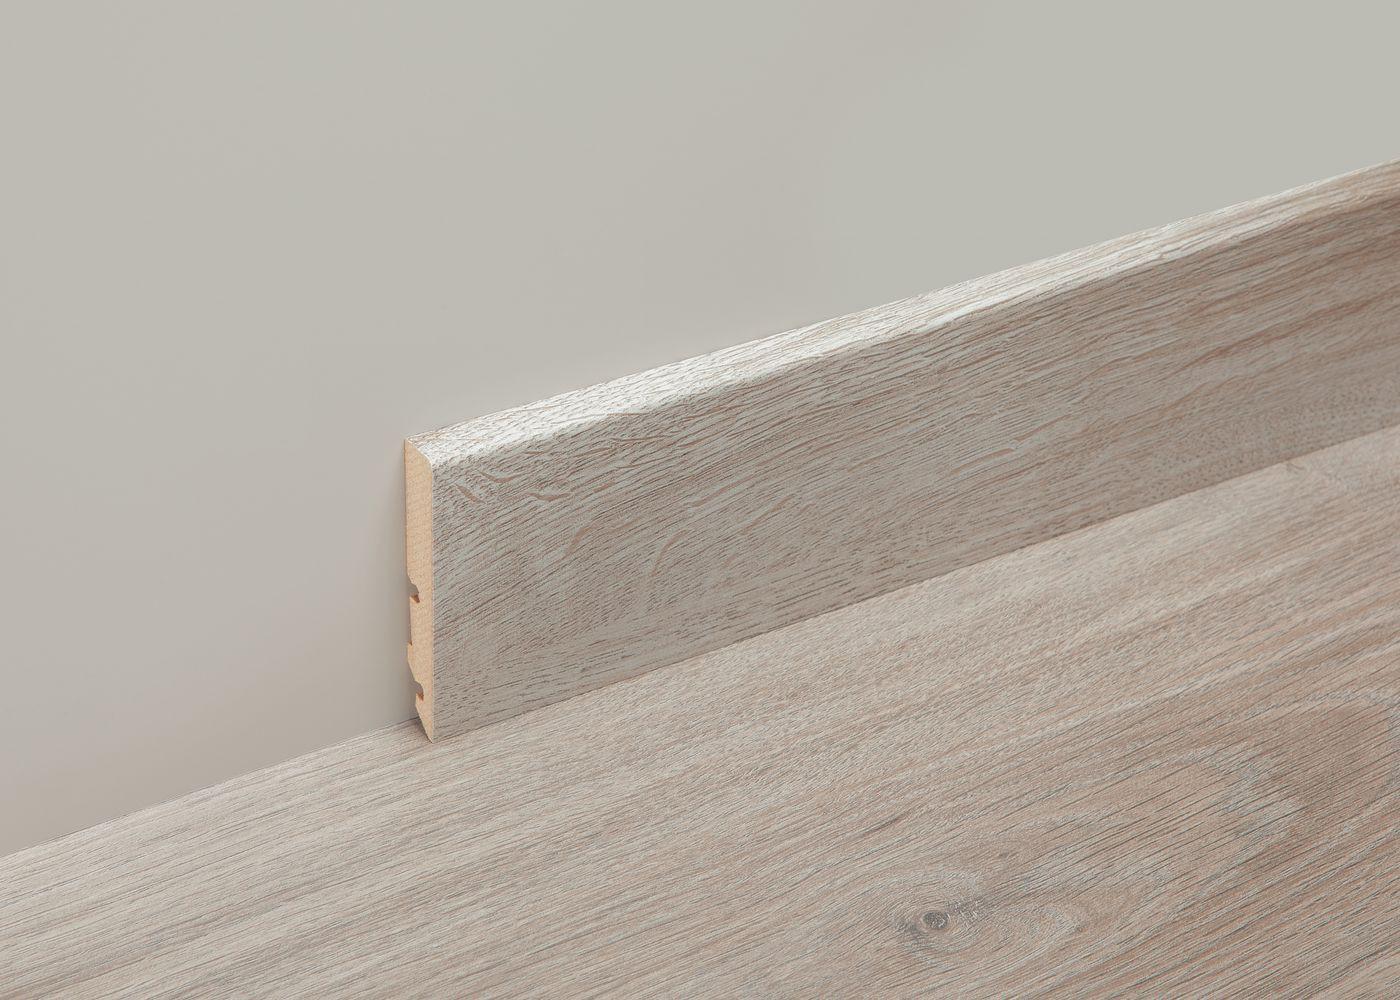 Accessoire profil melamine plinthe basse 60mm - longueur: 2400mm - PEFC Erable Gris